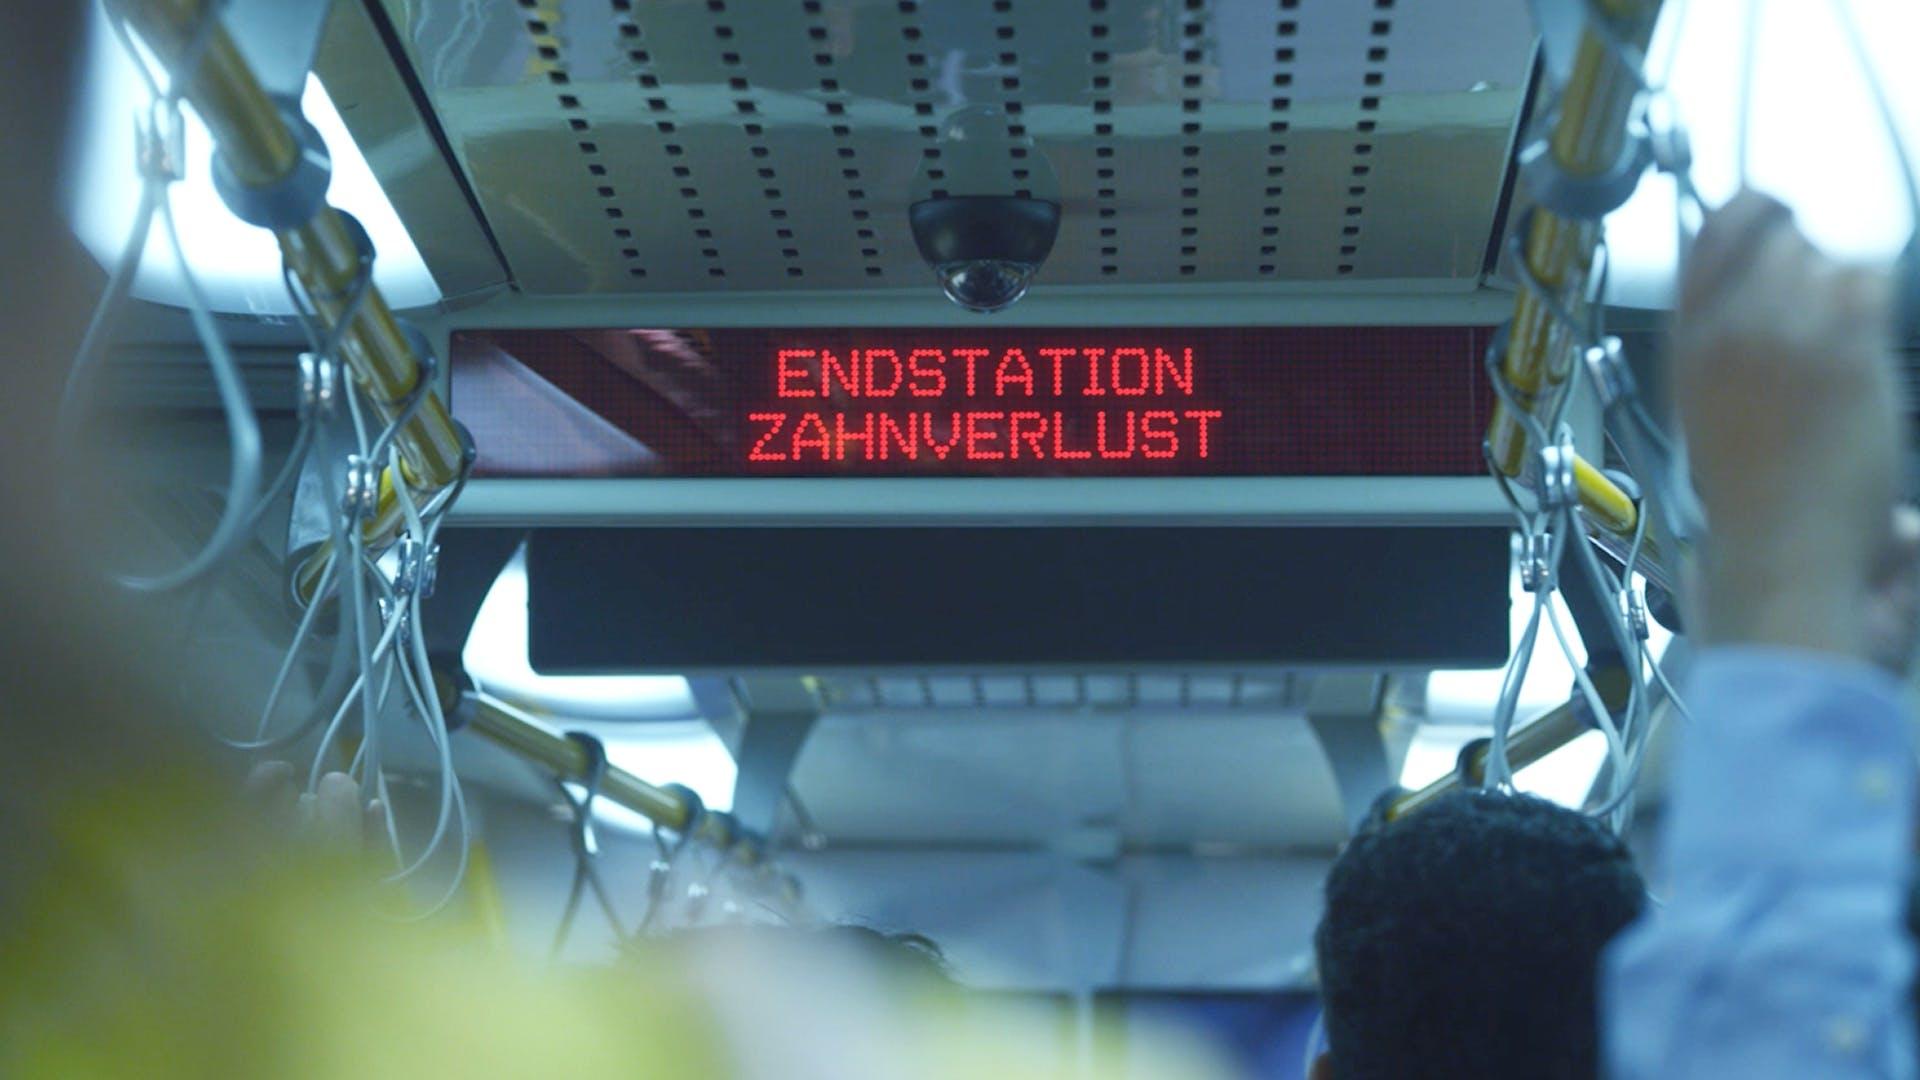 """Anzeige im Zug """"Endstation: Zahnverlust"""""""